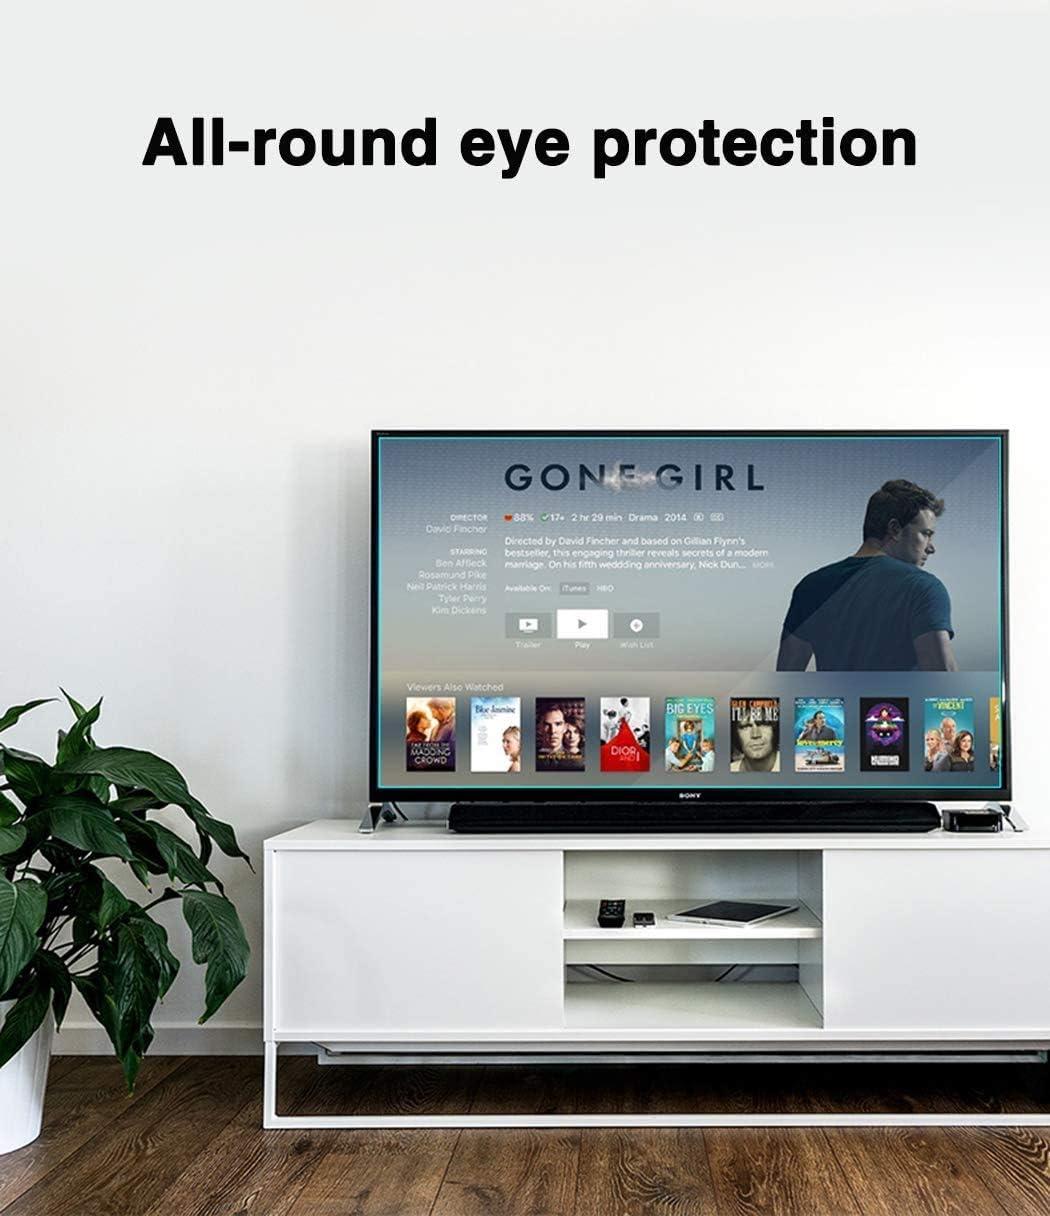 DPPAN 70 Pulgadas Anti Luz Azul TV Protección de Pantalla para Televisor, Ultra Claro LED Antirreflejos Protección Ojos Screen Protector, Display Película Protectora Anti Arañazos,A: Amazon.es: Electrónica